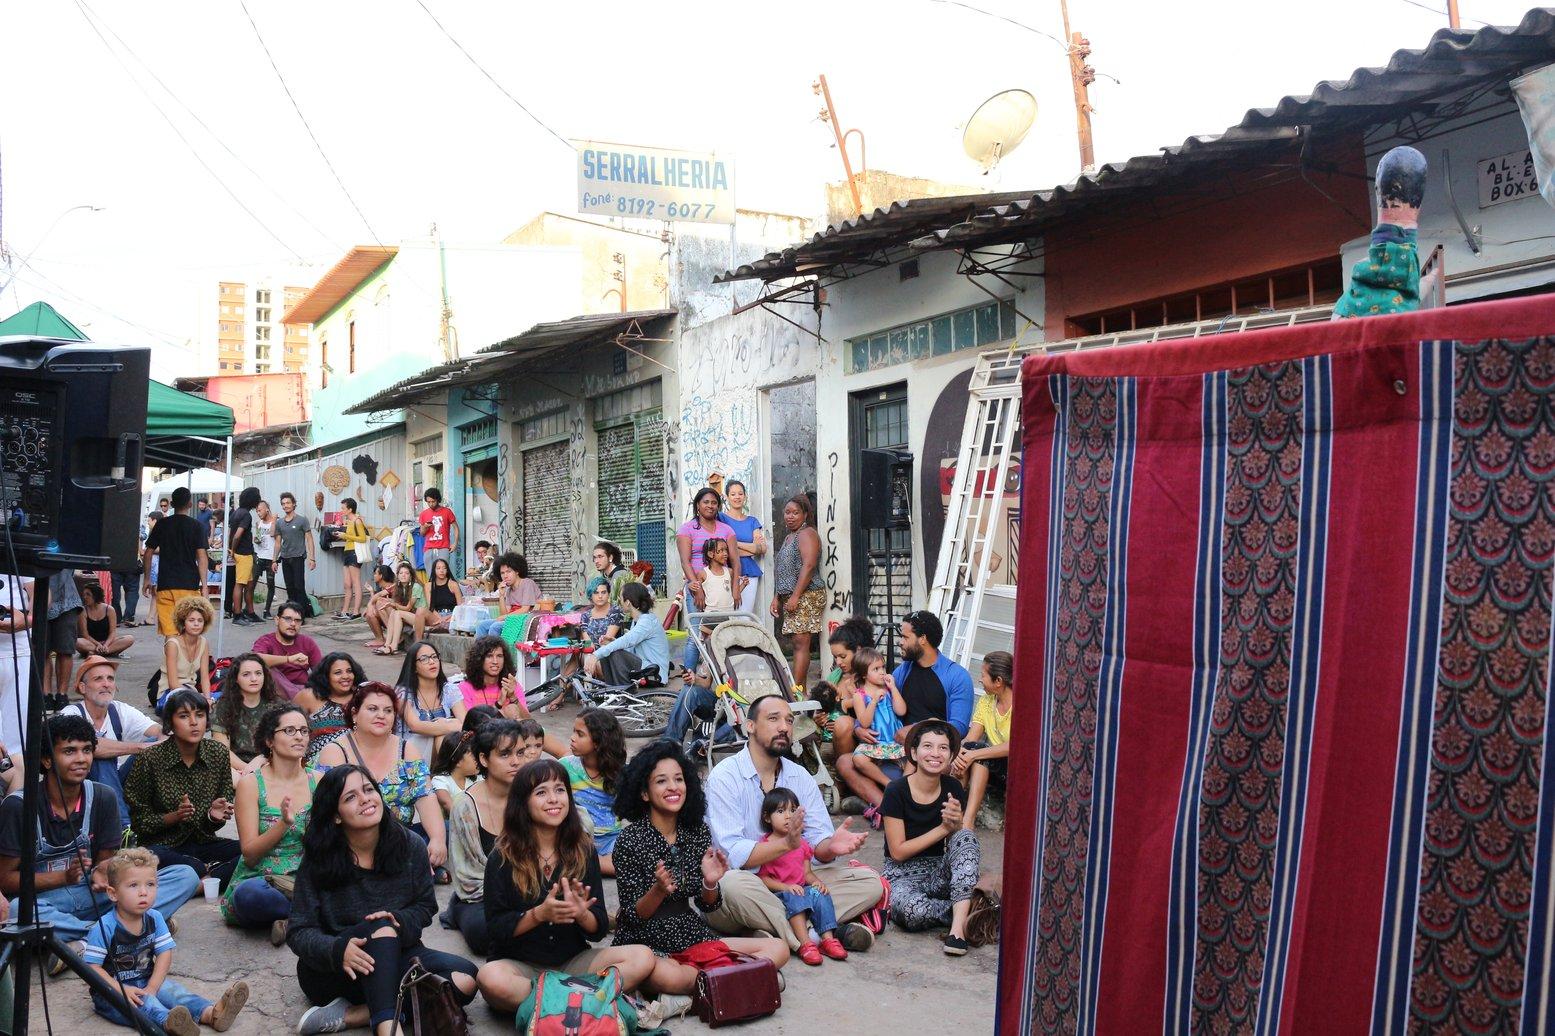 Teatro na rua organizado pelo movimento Mercado Sul Vive. Foto: Webert da Cruz